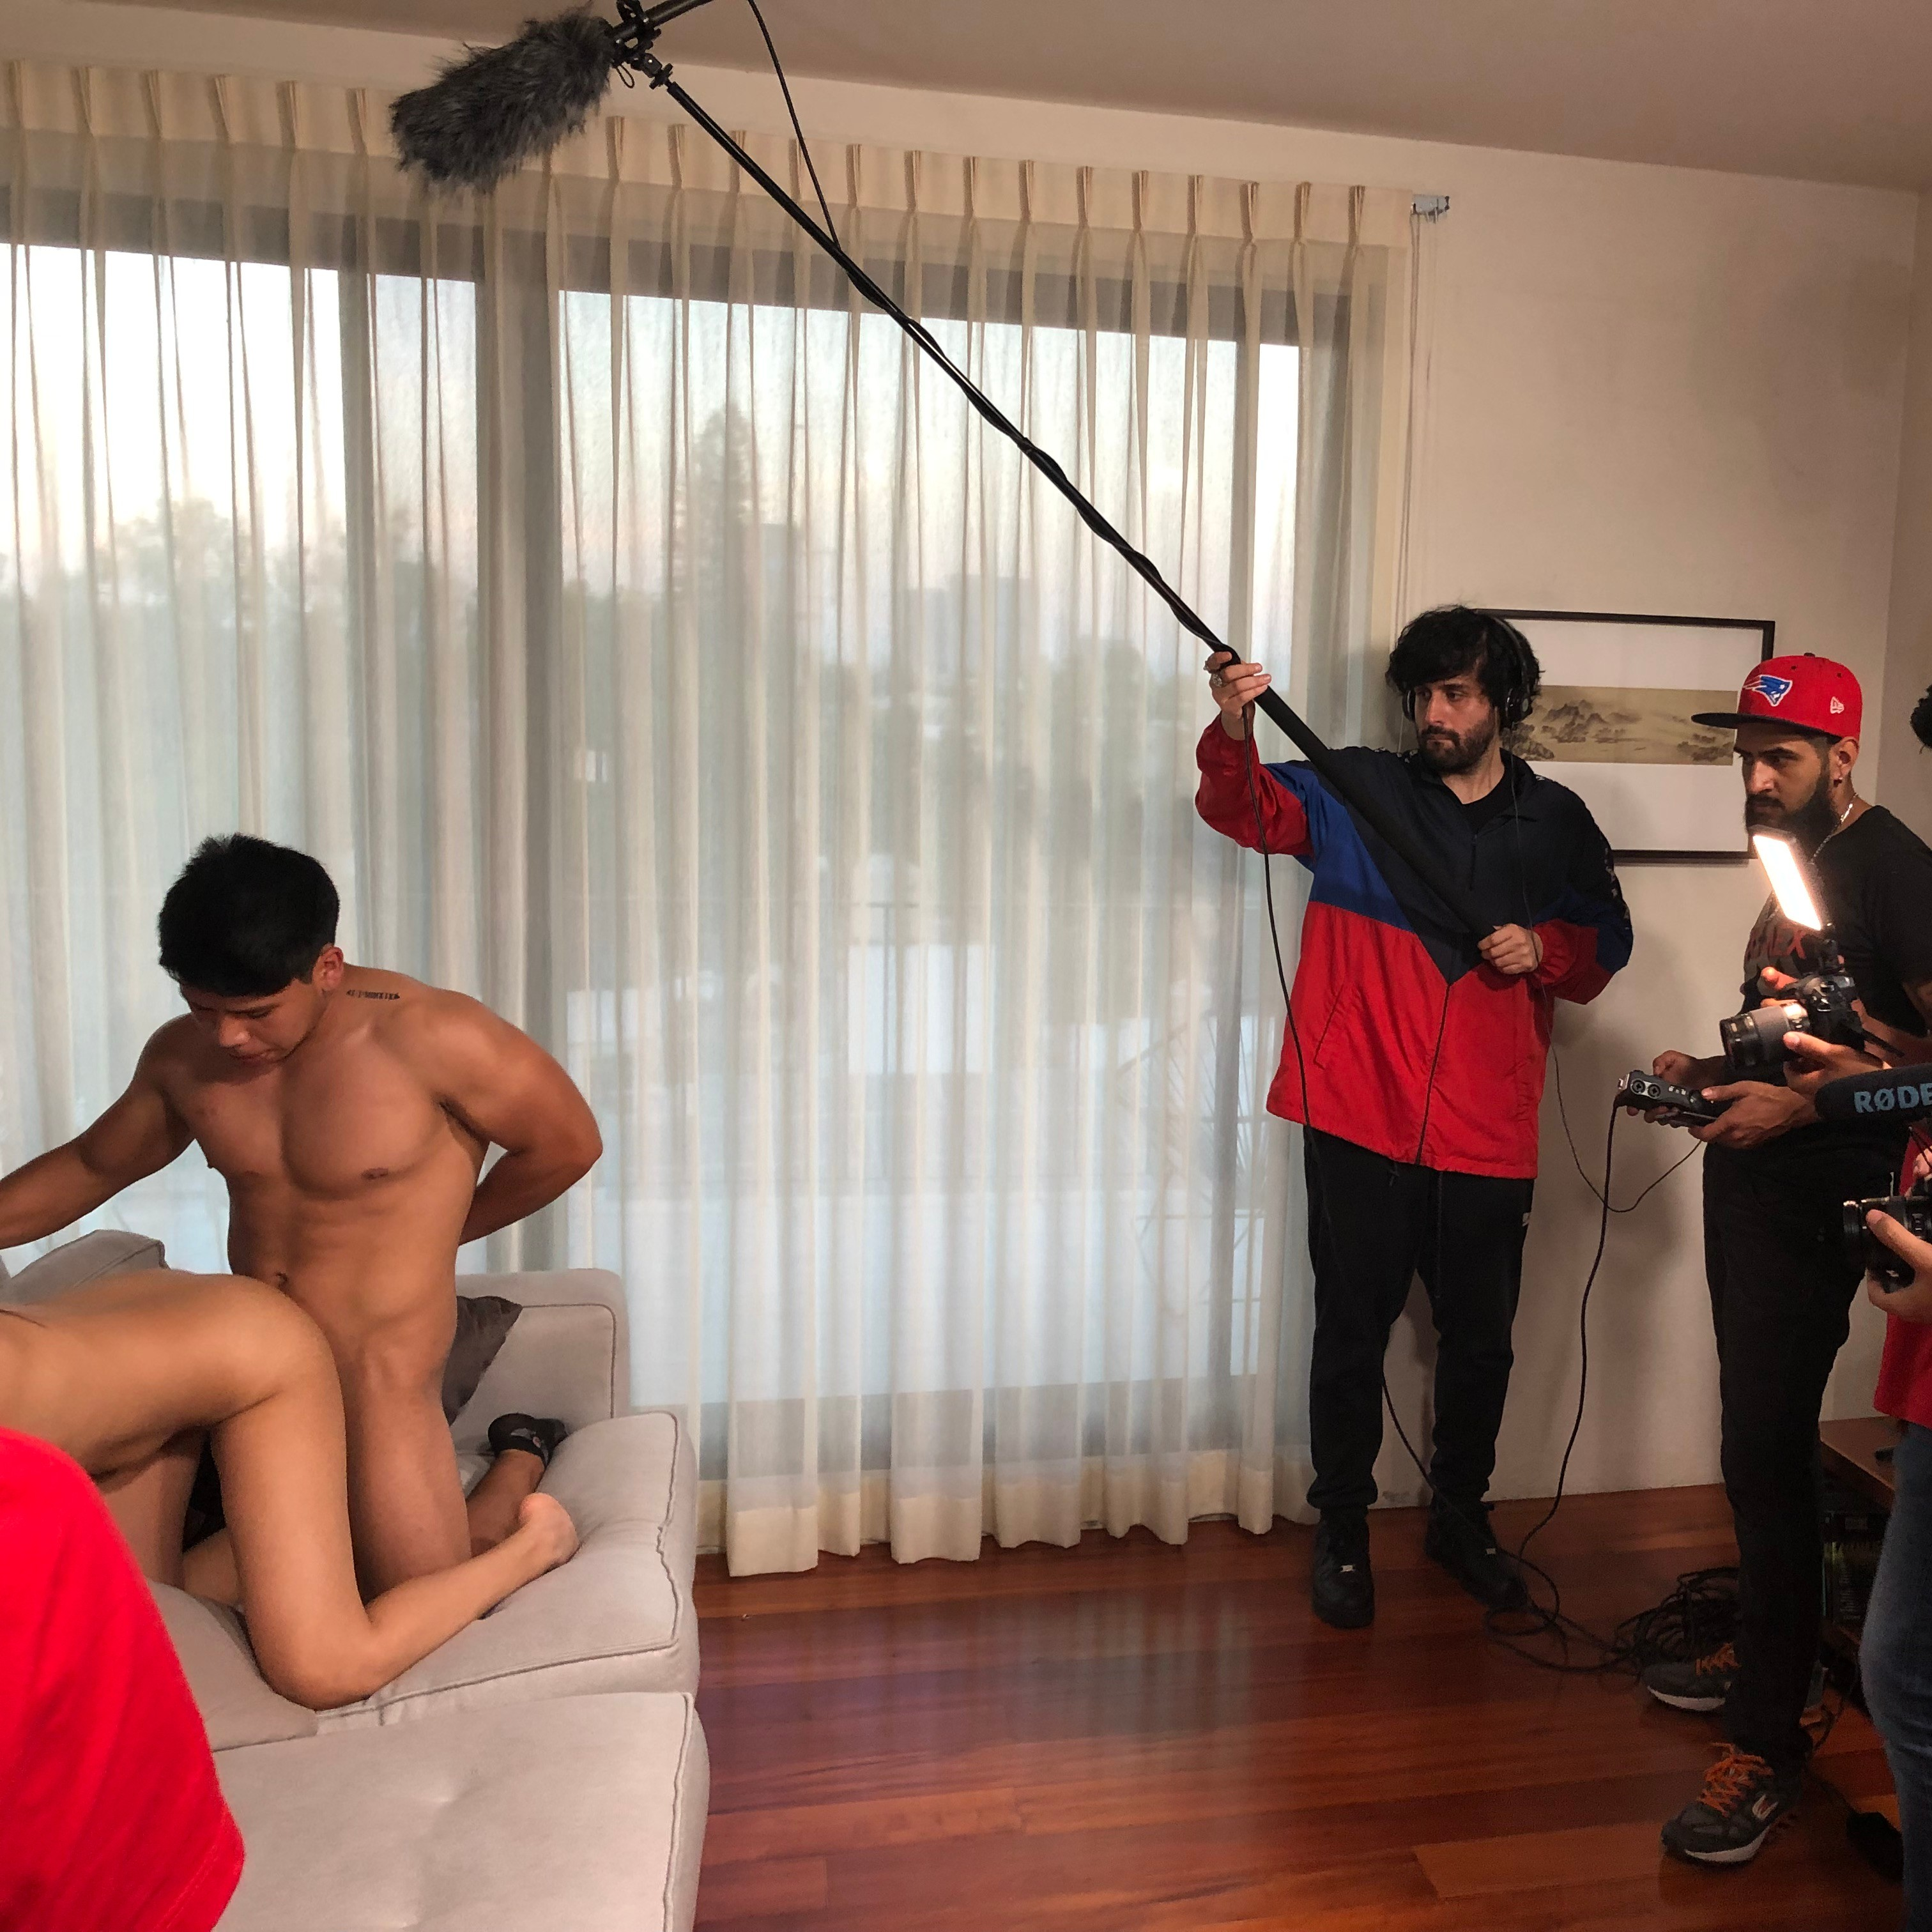 Actor Porno Se Corren Demasiado este es el problema del 'porno para mujeres' - vice